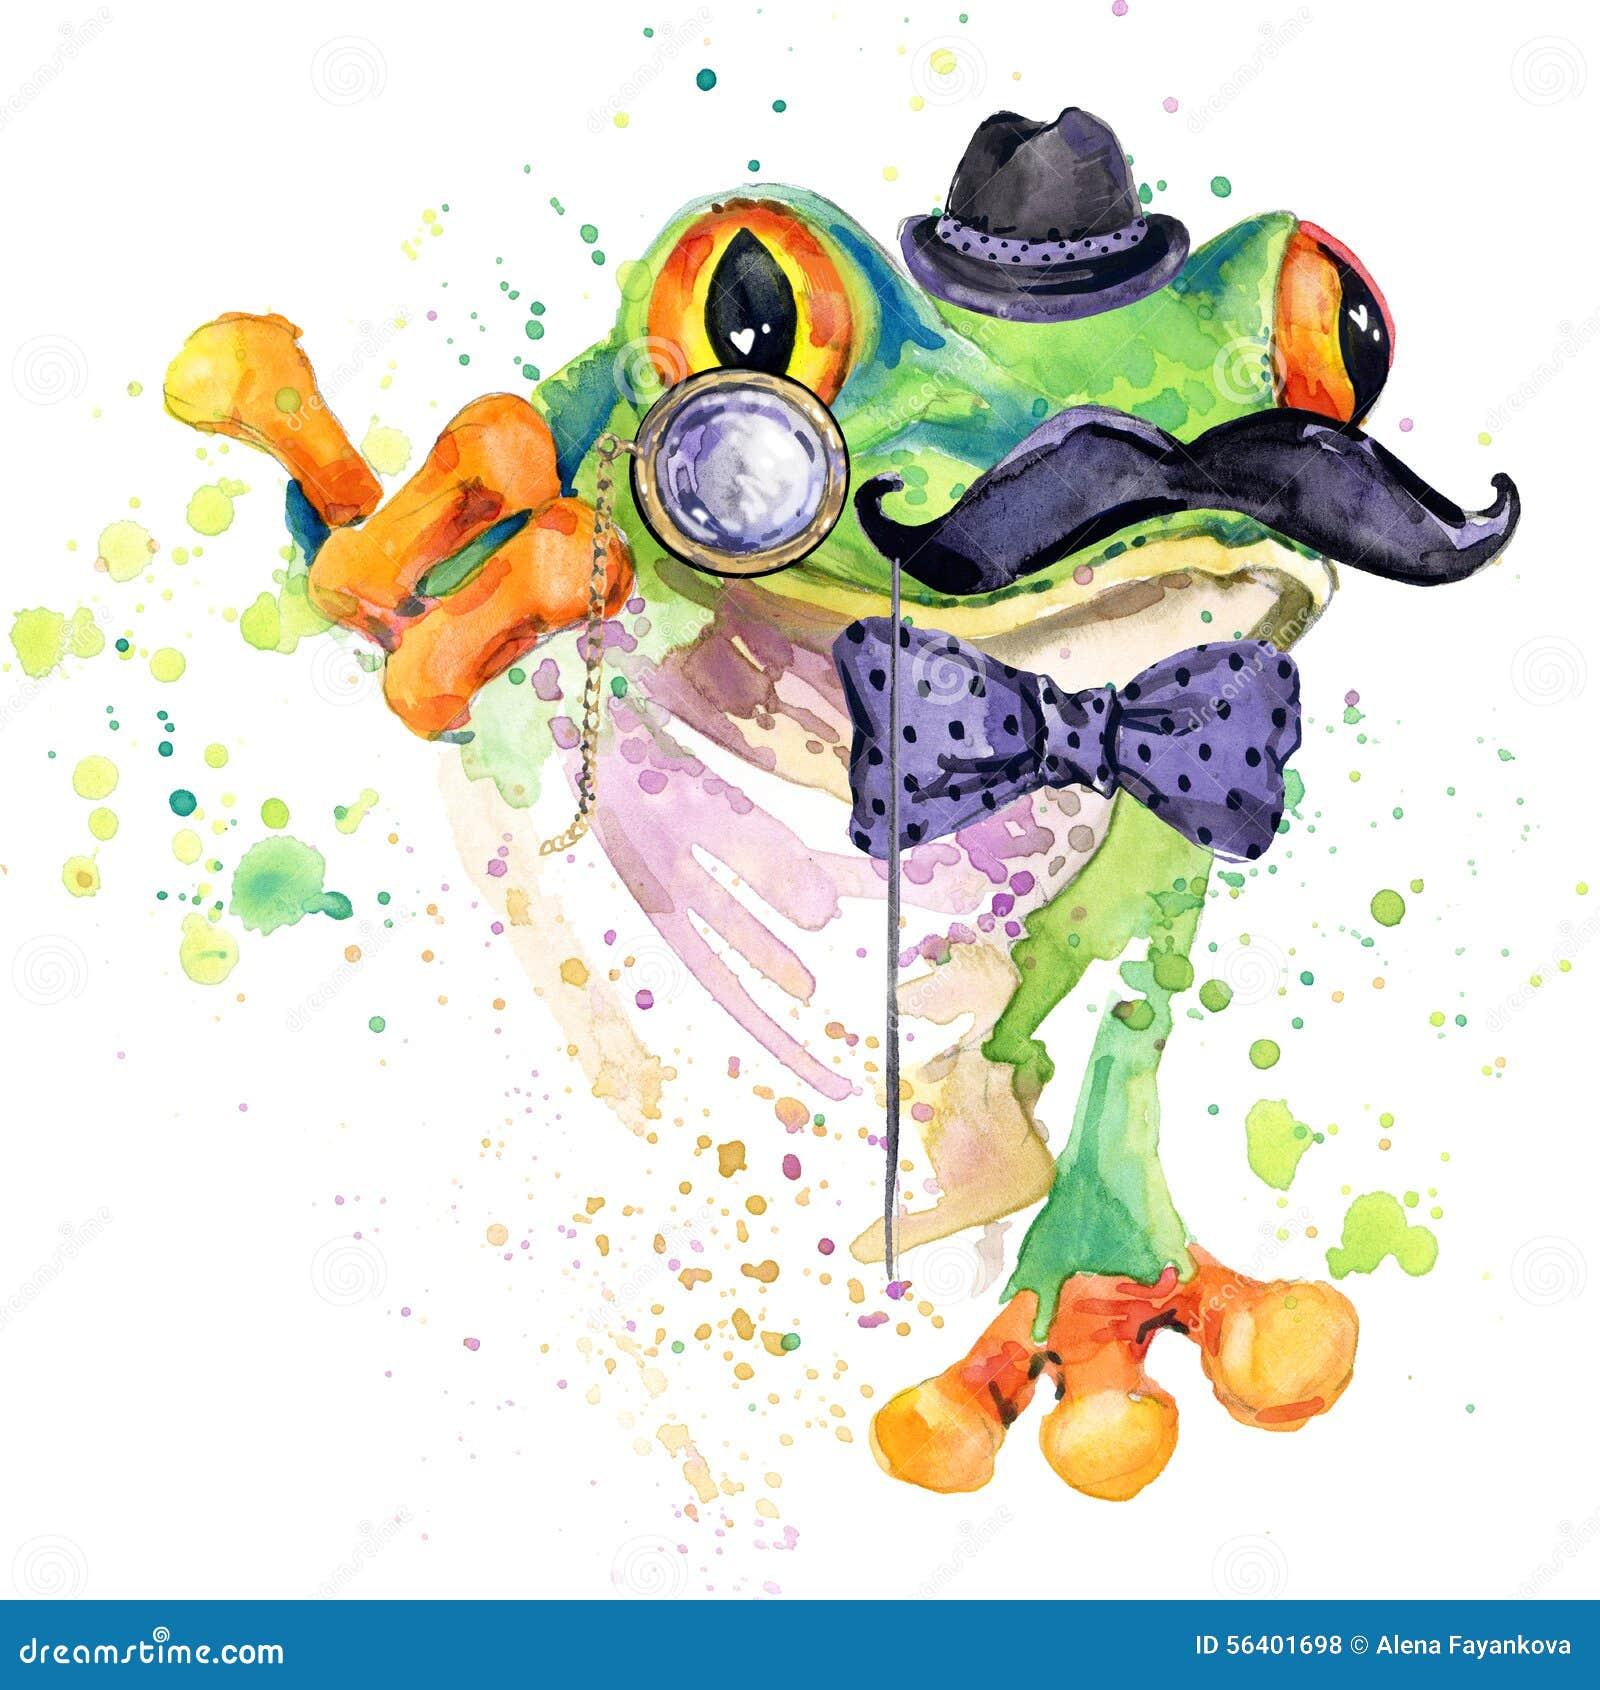 Смешные графики футболки лягушки иллюстрация лягушки с предпосылкой выплеска текстурированной акварелью необыкновенная лягушка fa